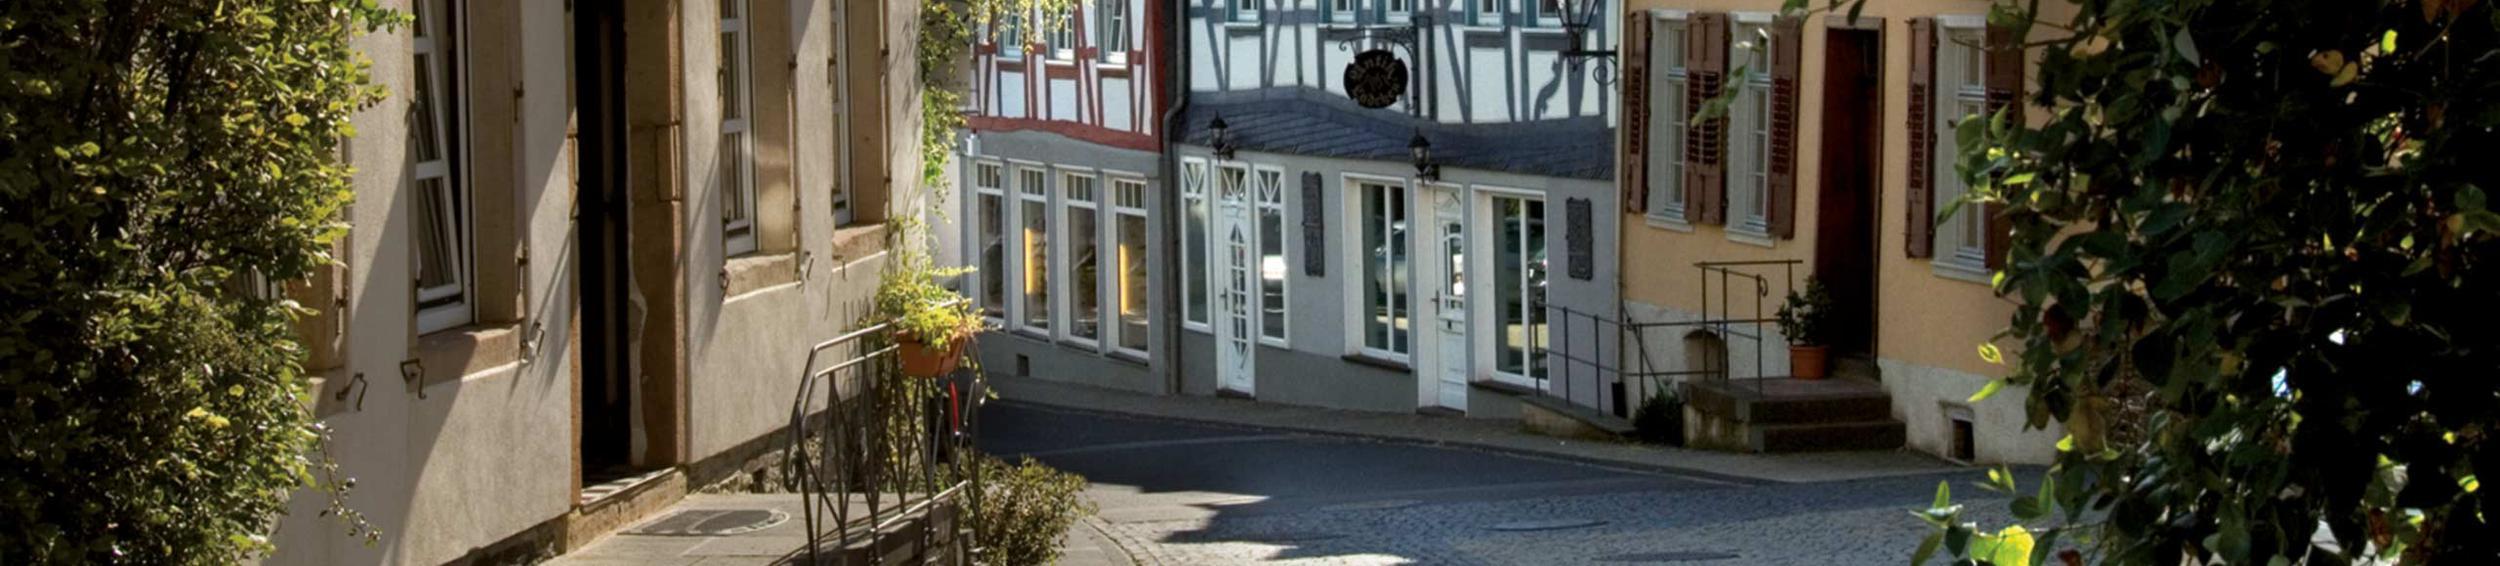 BurgStadt-Hotel reception - Foto: Jürgen Fey